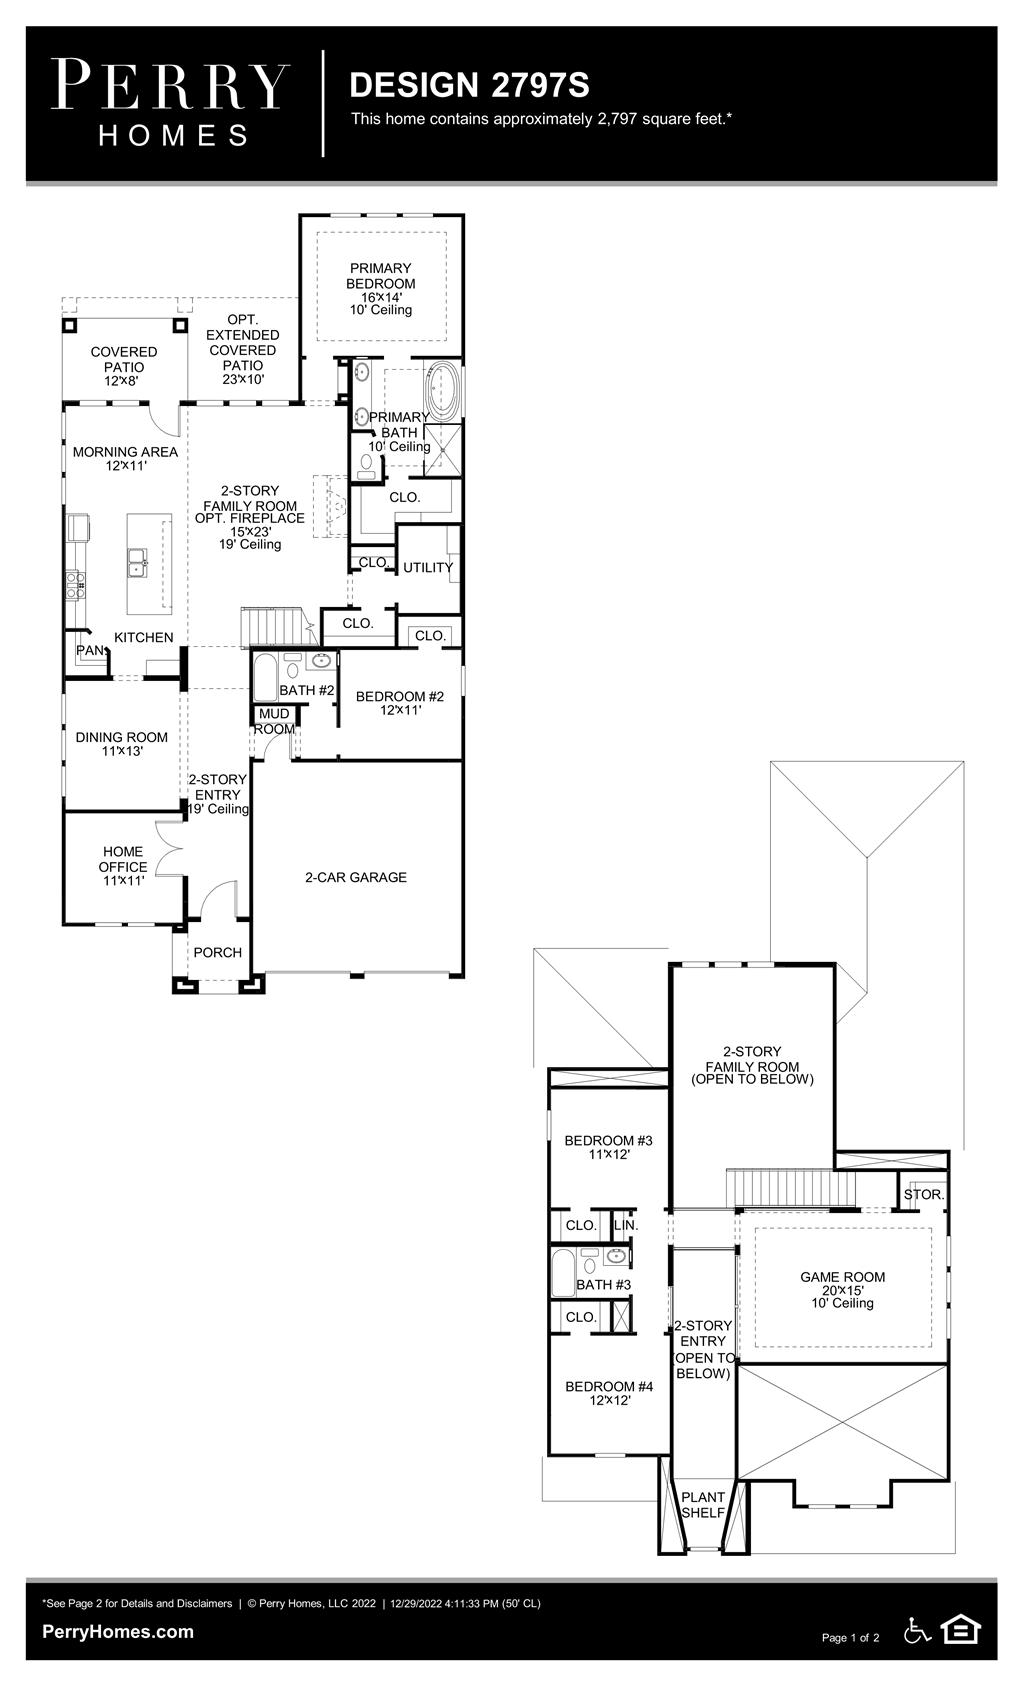 Floor Plan for 2797S